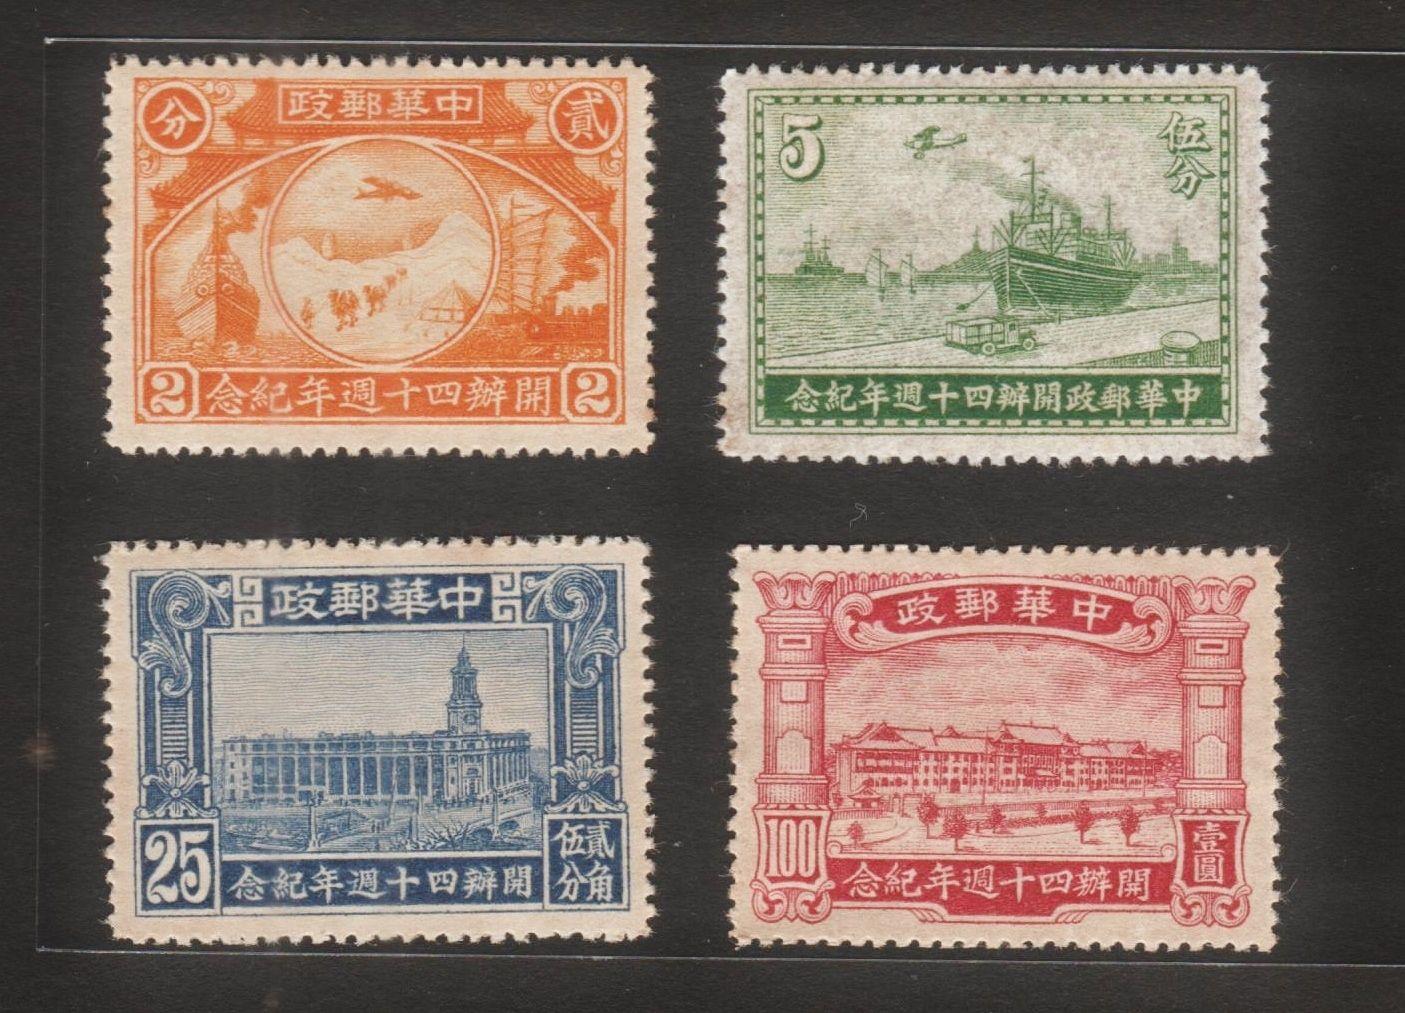 中国邮票:邮政服务周年纪念日(1936年)